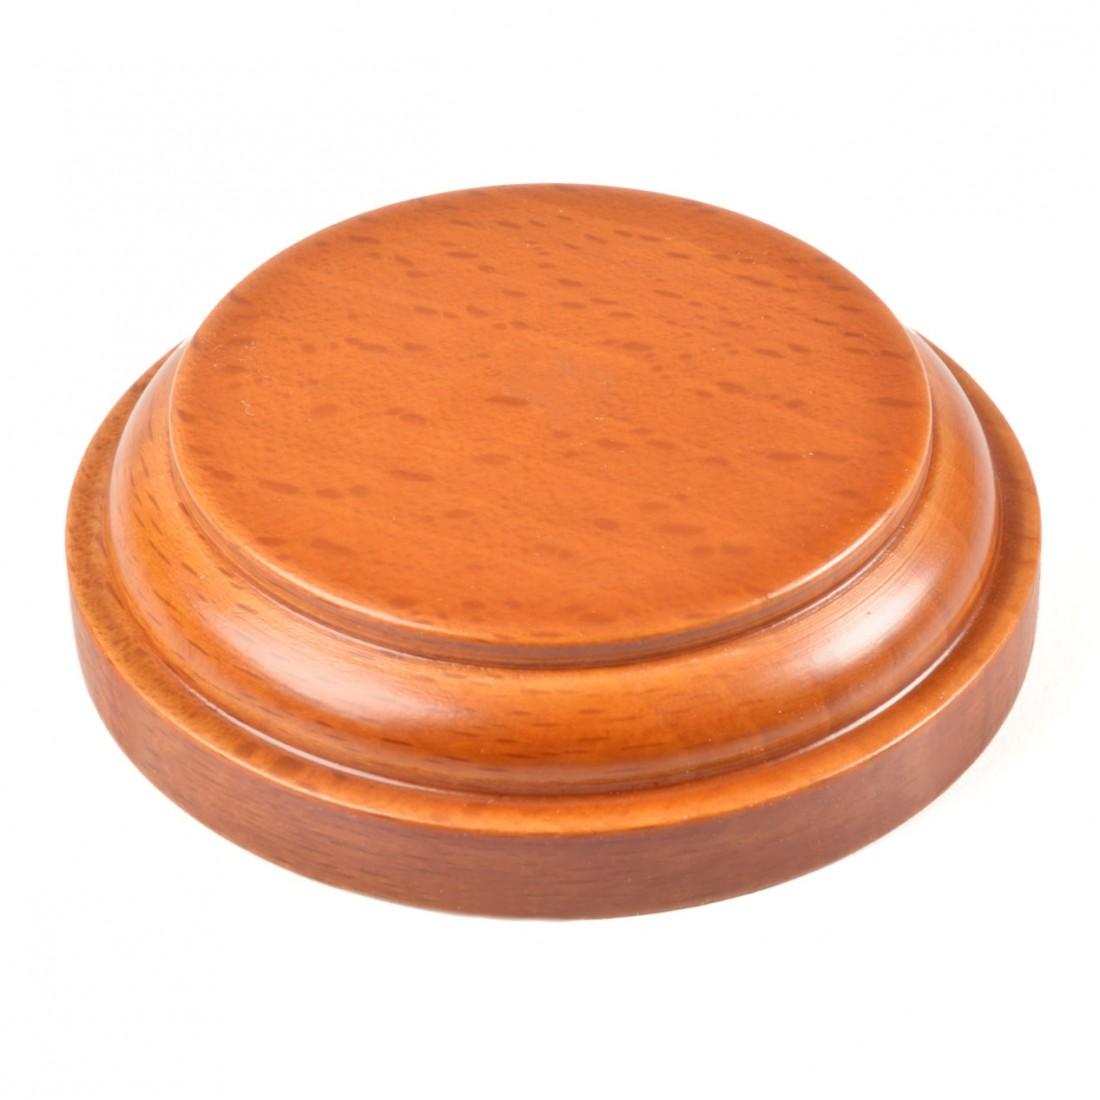 Wooden round base mm.70 varnished